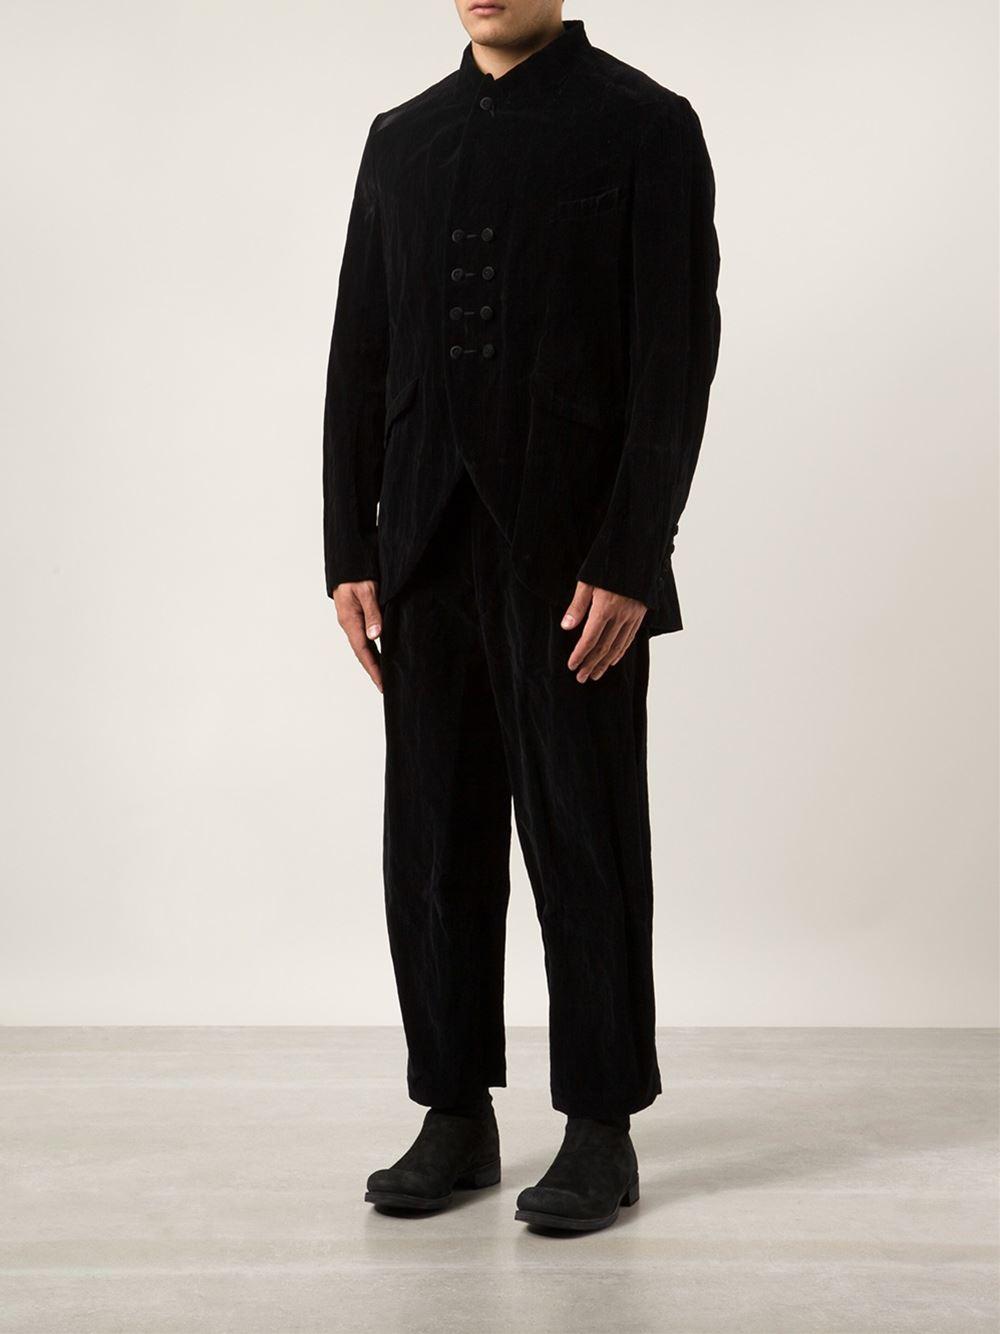 Ziggy Chen Velvet Jacket in Black for Men